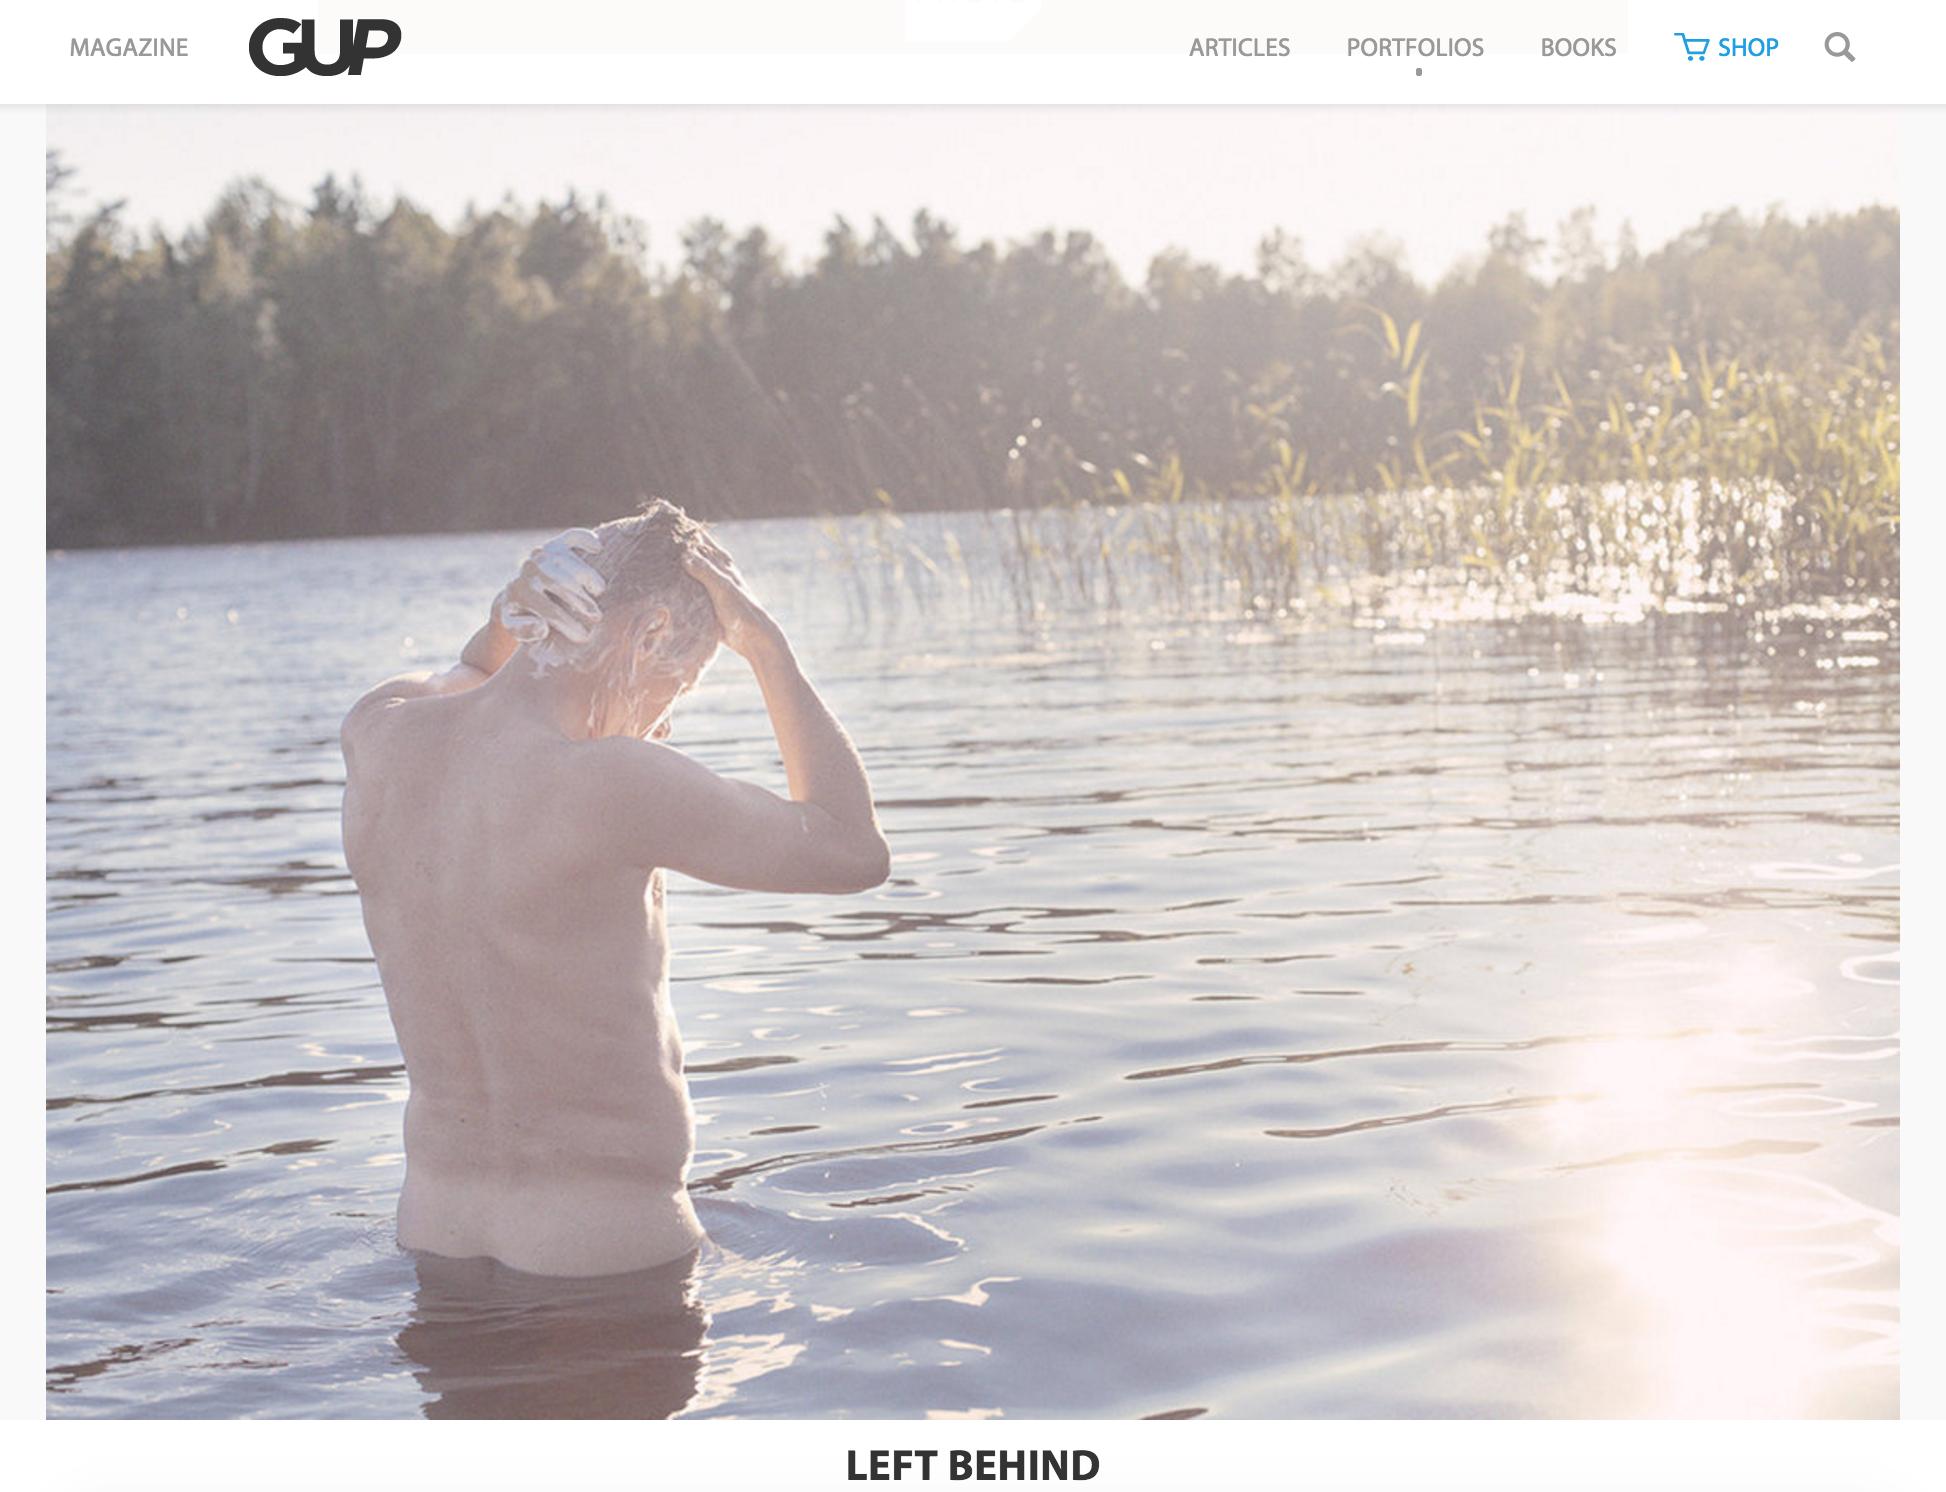 GUP MAGAZINE - Feautured work in GUP Magazine.